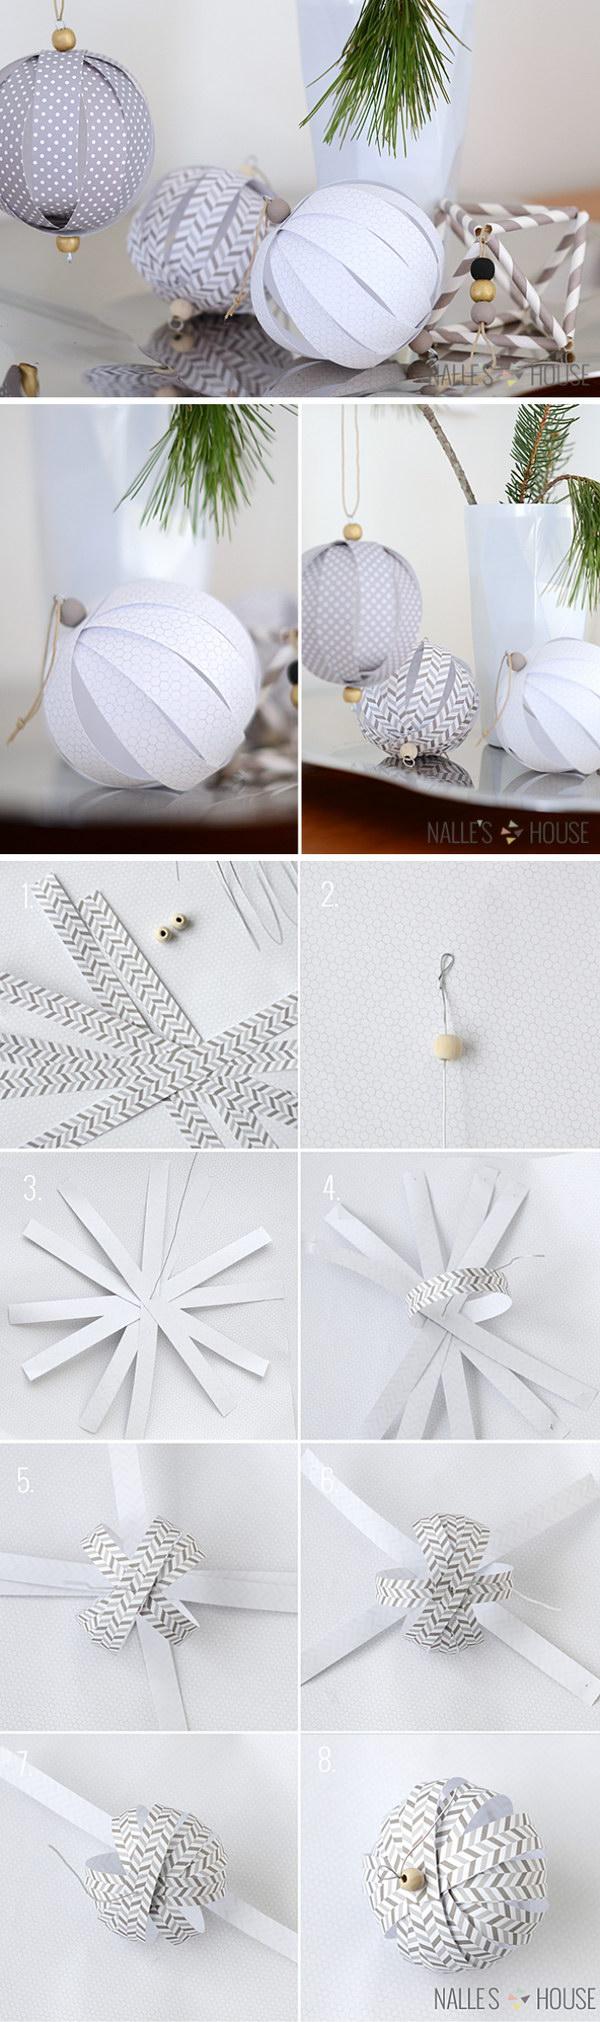 DIY Paper Ball Ornaments.